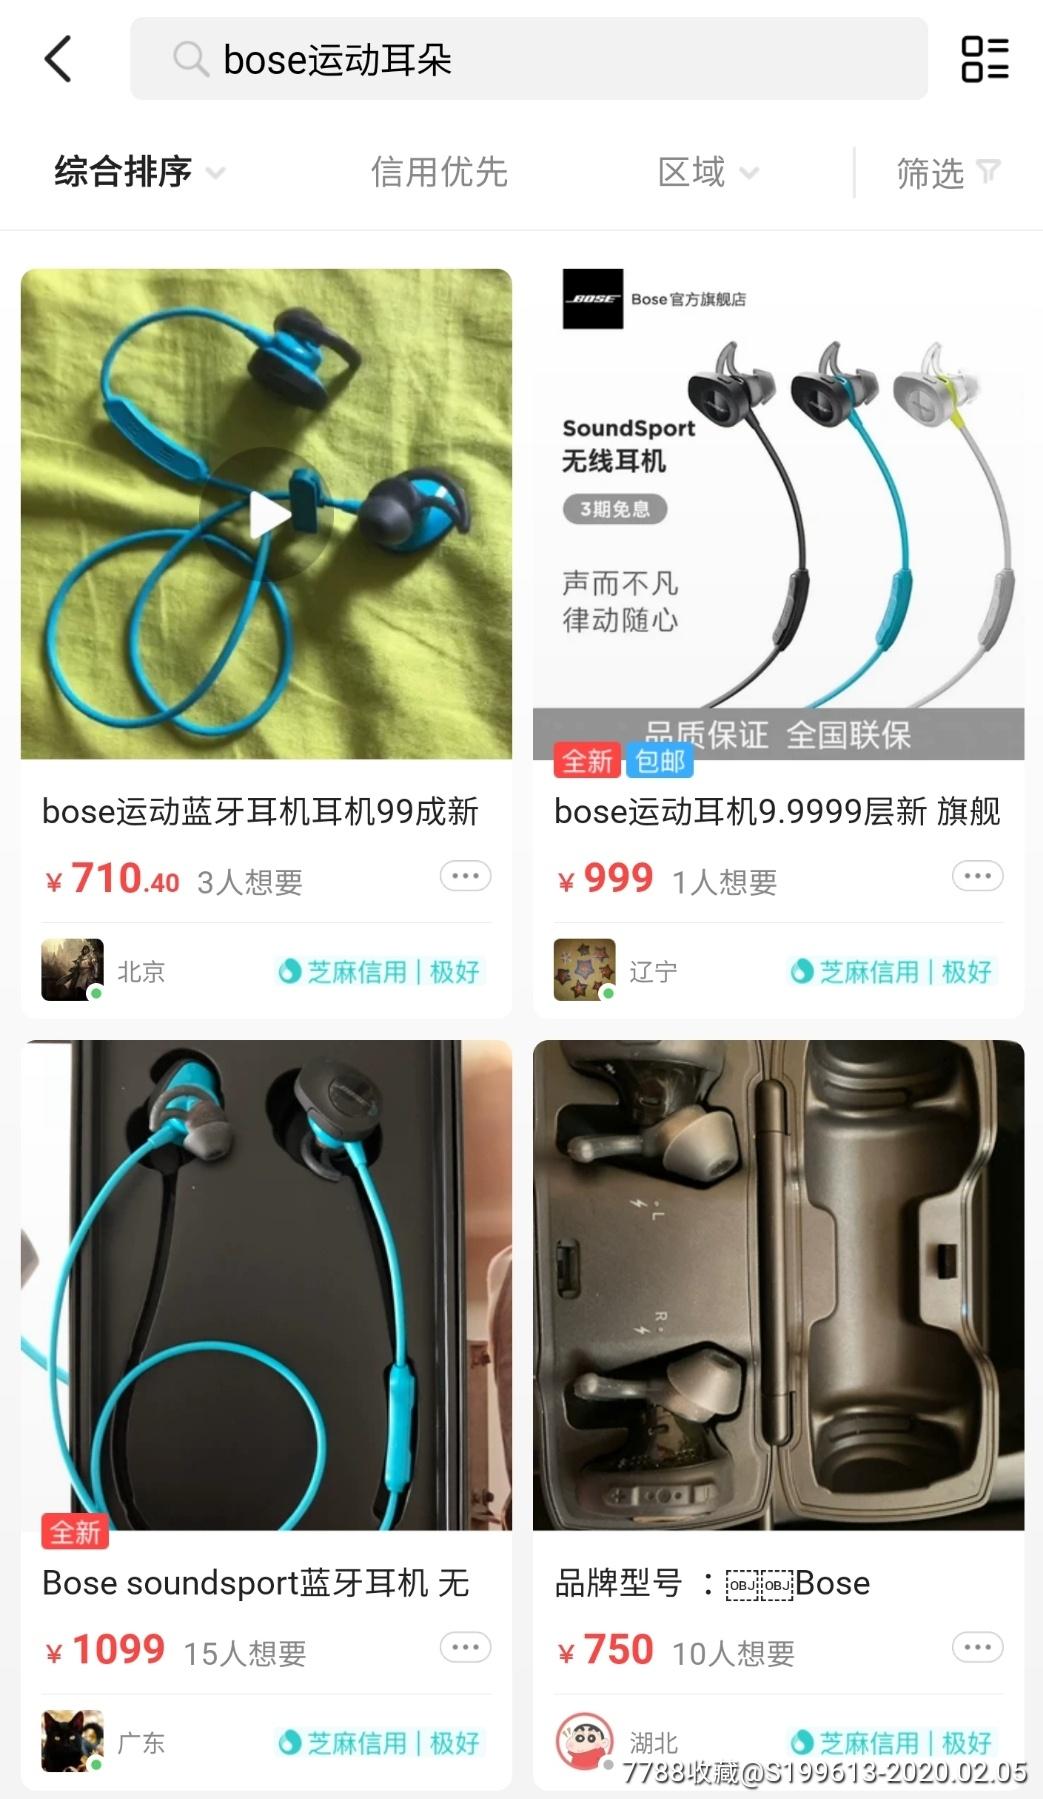 85新,bose运动耳机,蓝牙版,开机键胶皮缺失,工作正常(se70958592)_